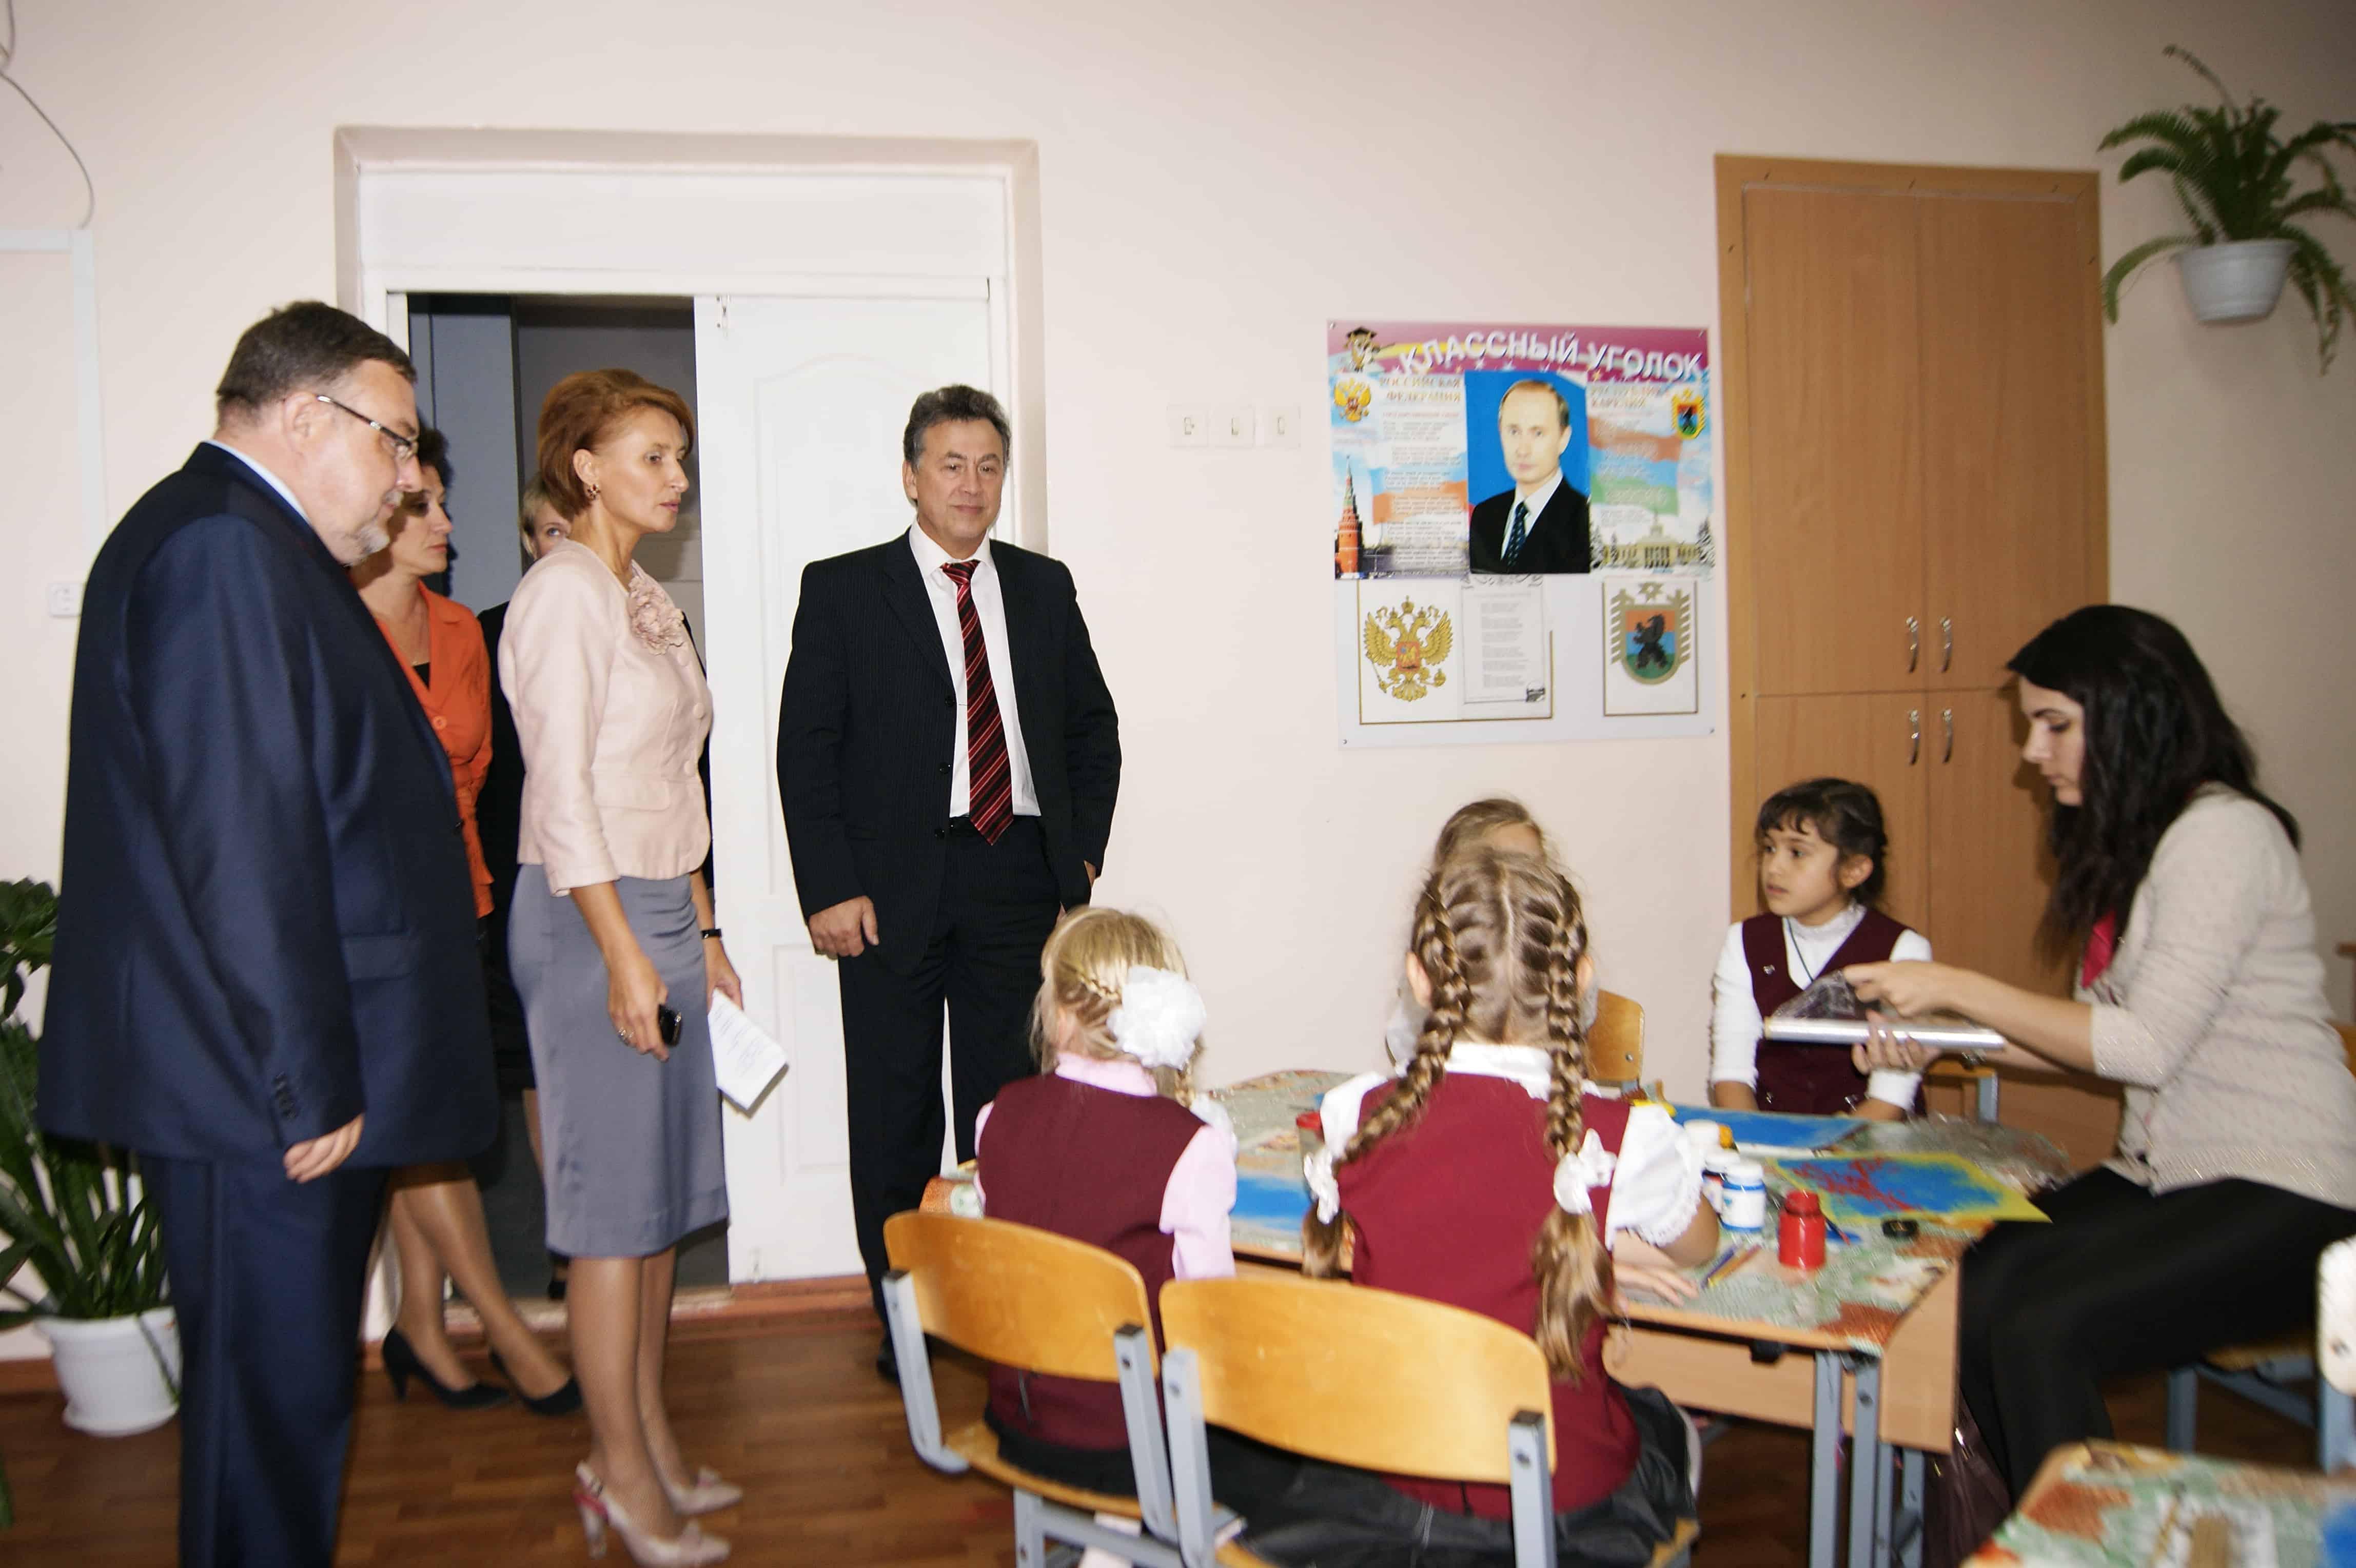 Вениамин Каганов (в центре) на уроке в Специализированной школе искусств Респeбликb Карелия